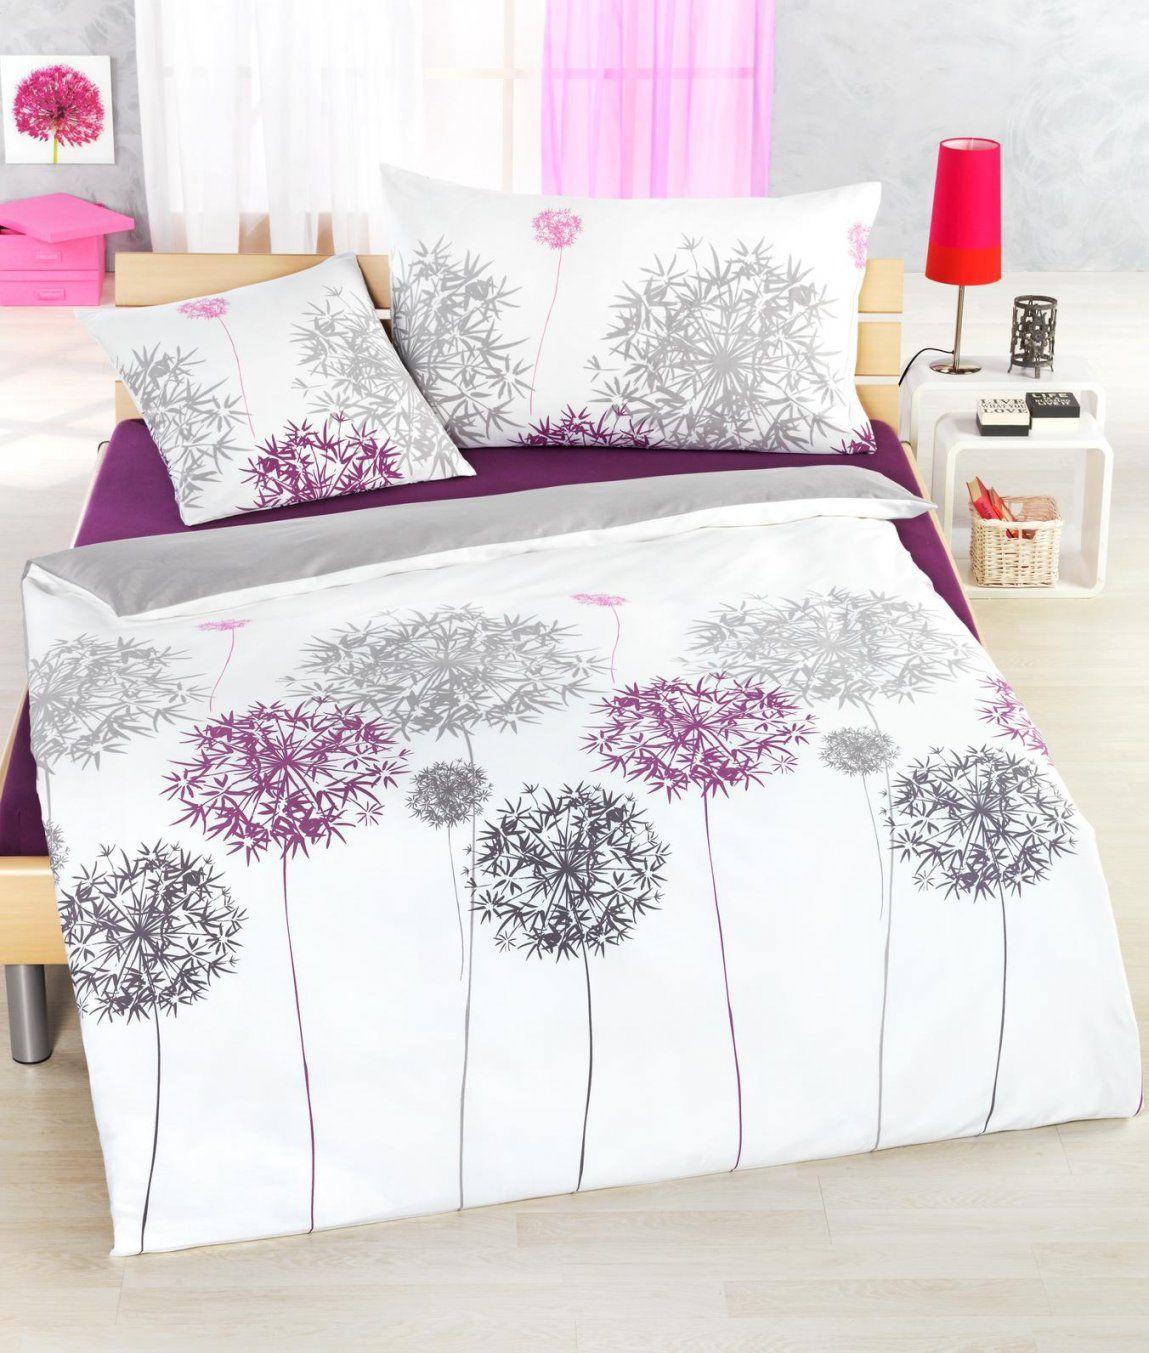 Satinbettwäsche Yasemin Beere Kaufen  Angela Bruderer Onlineshop von Bettwäsche Orchideen Motiv Bild